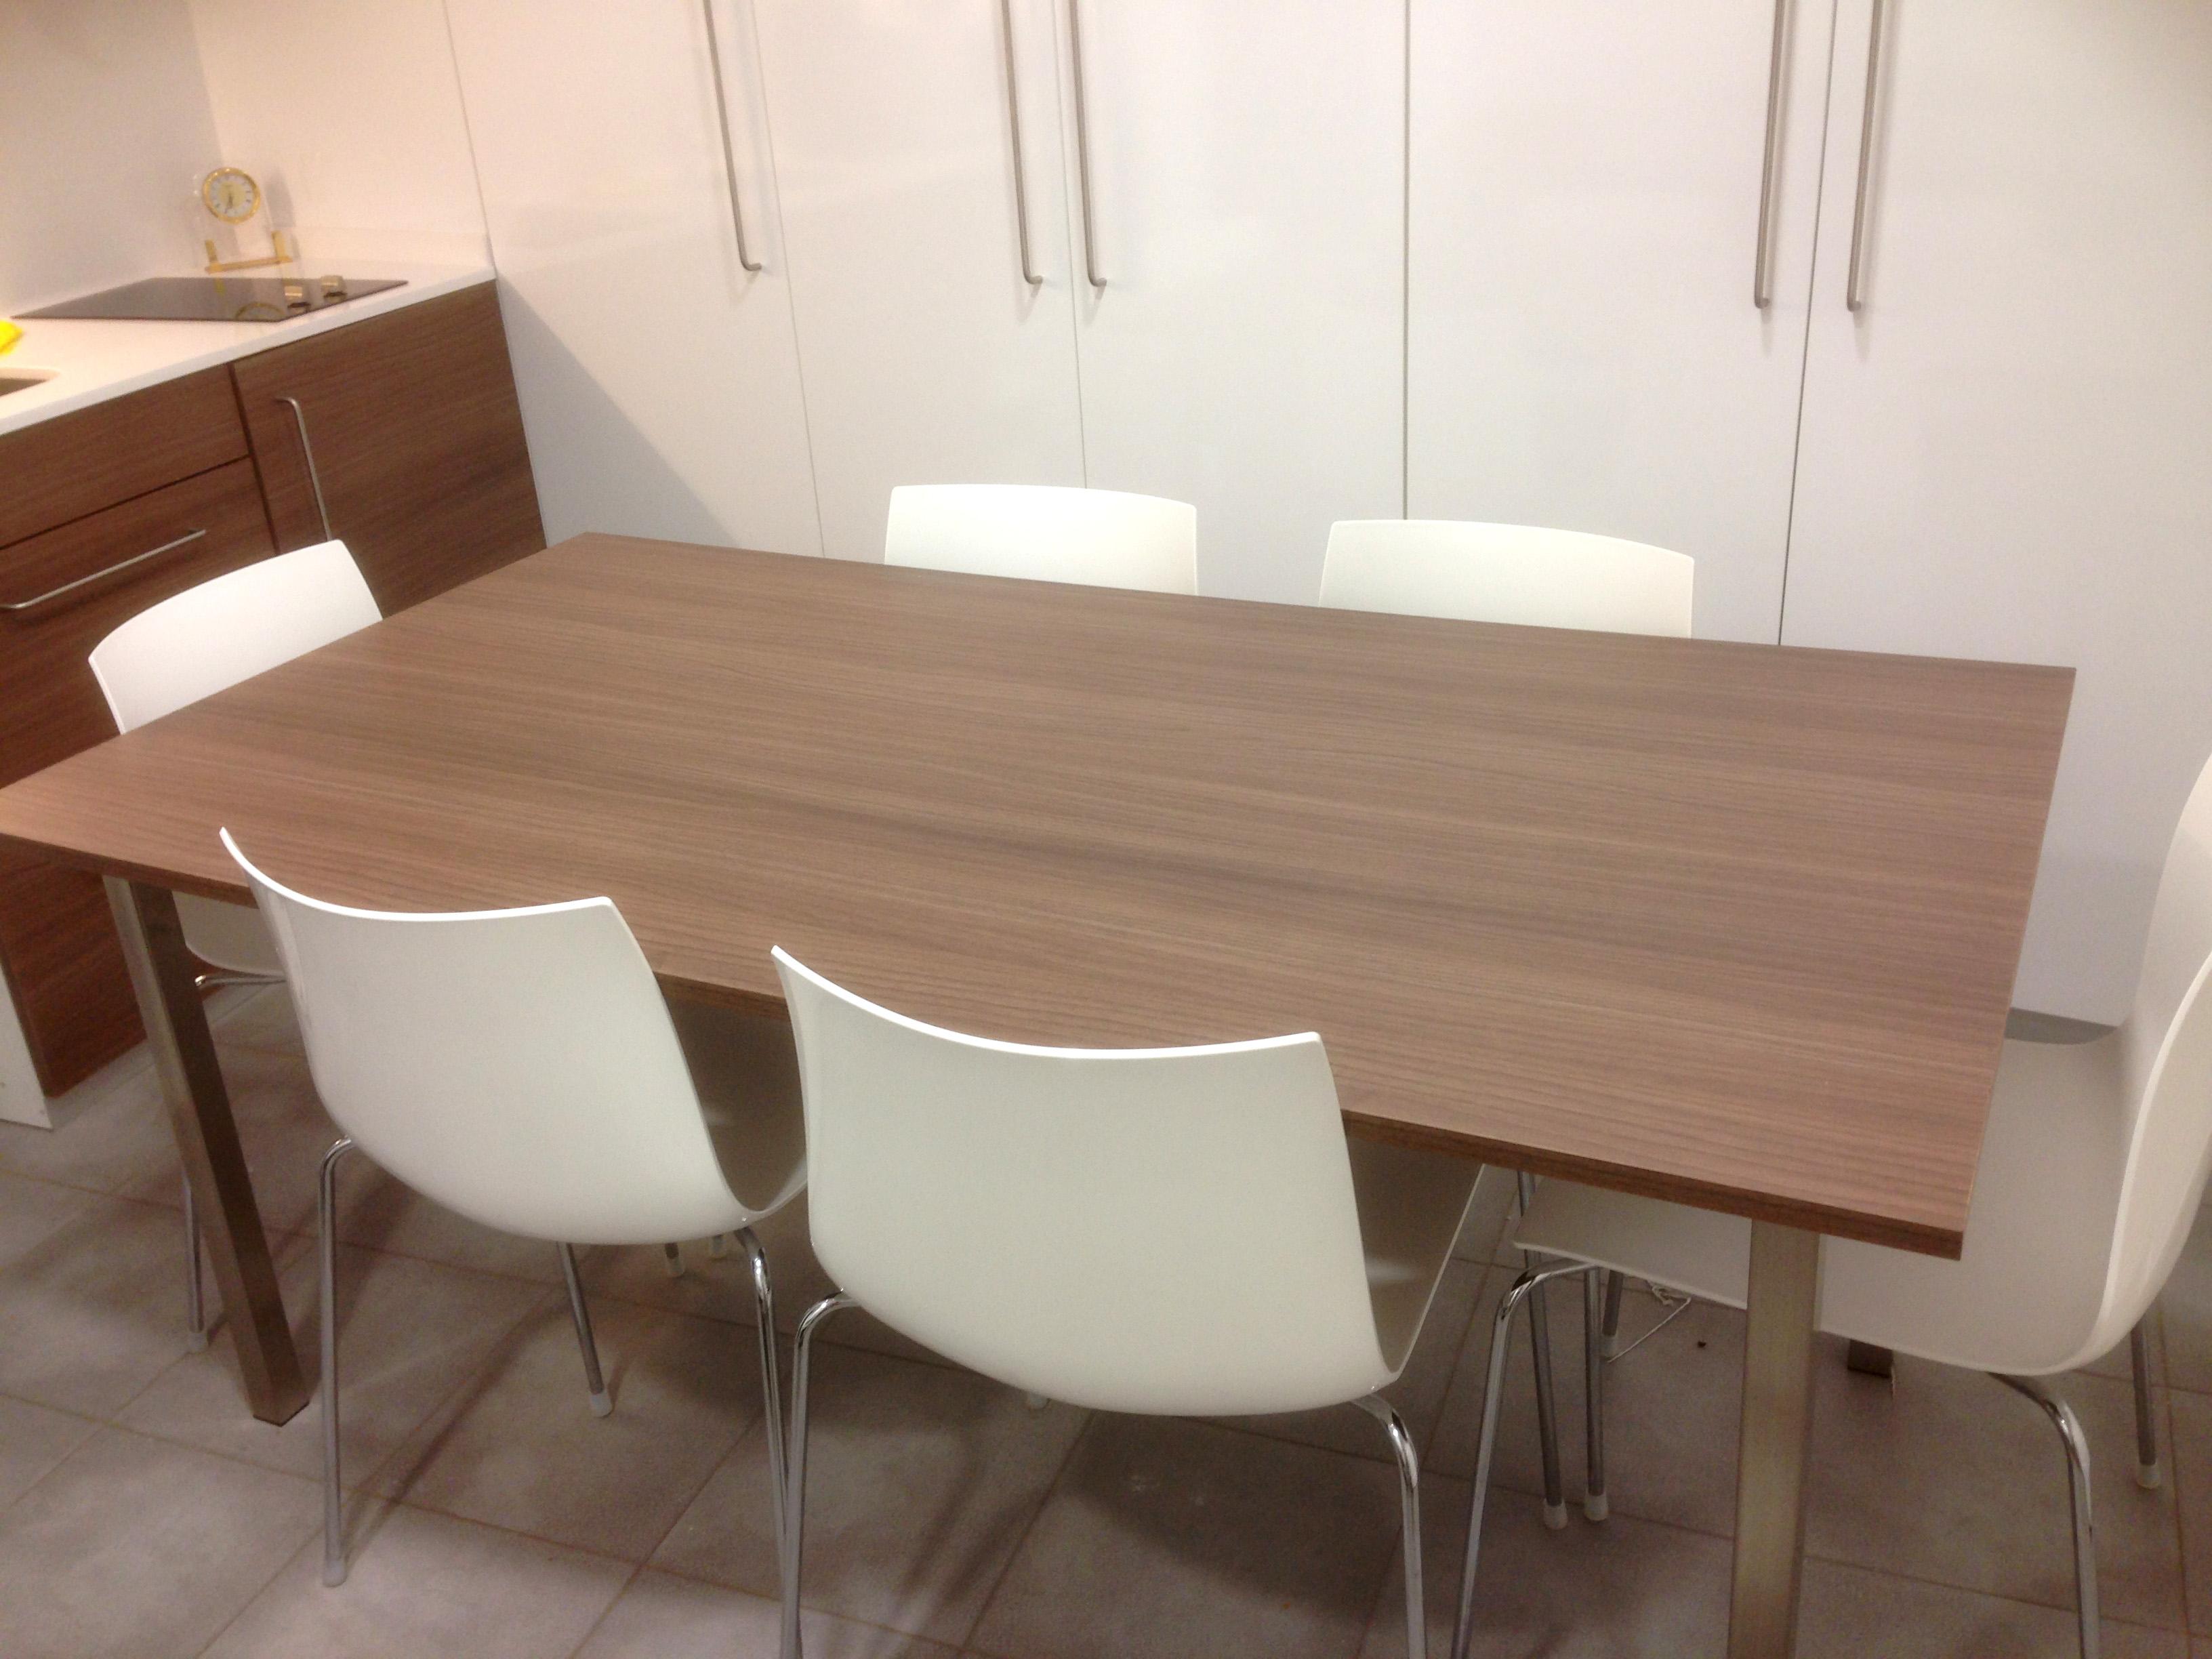 Cocina en melamina blanca con mesa rechapada mb concept for Mesa cocina blanca